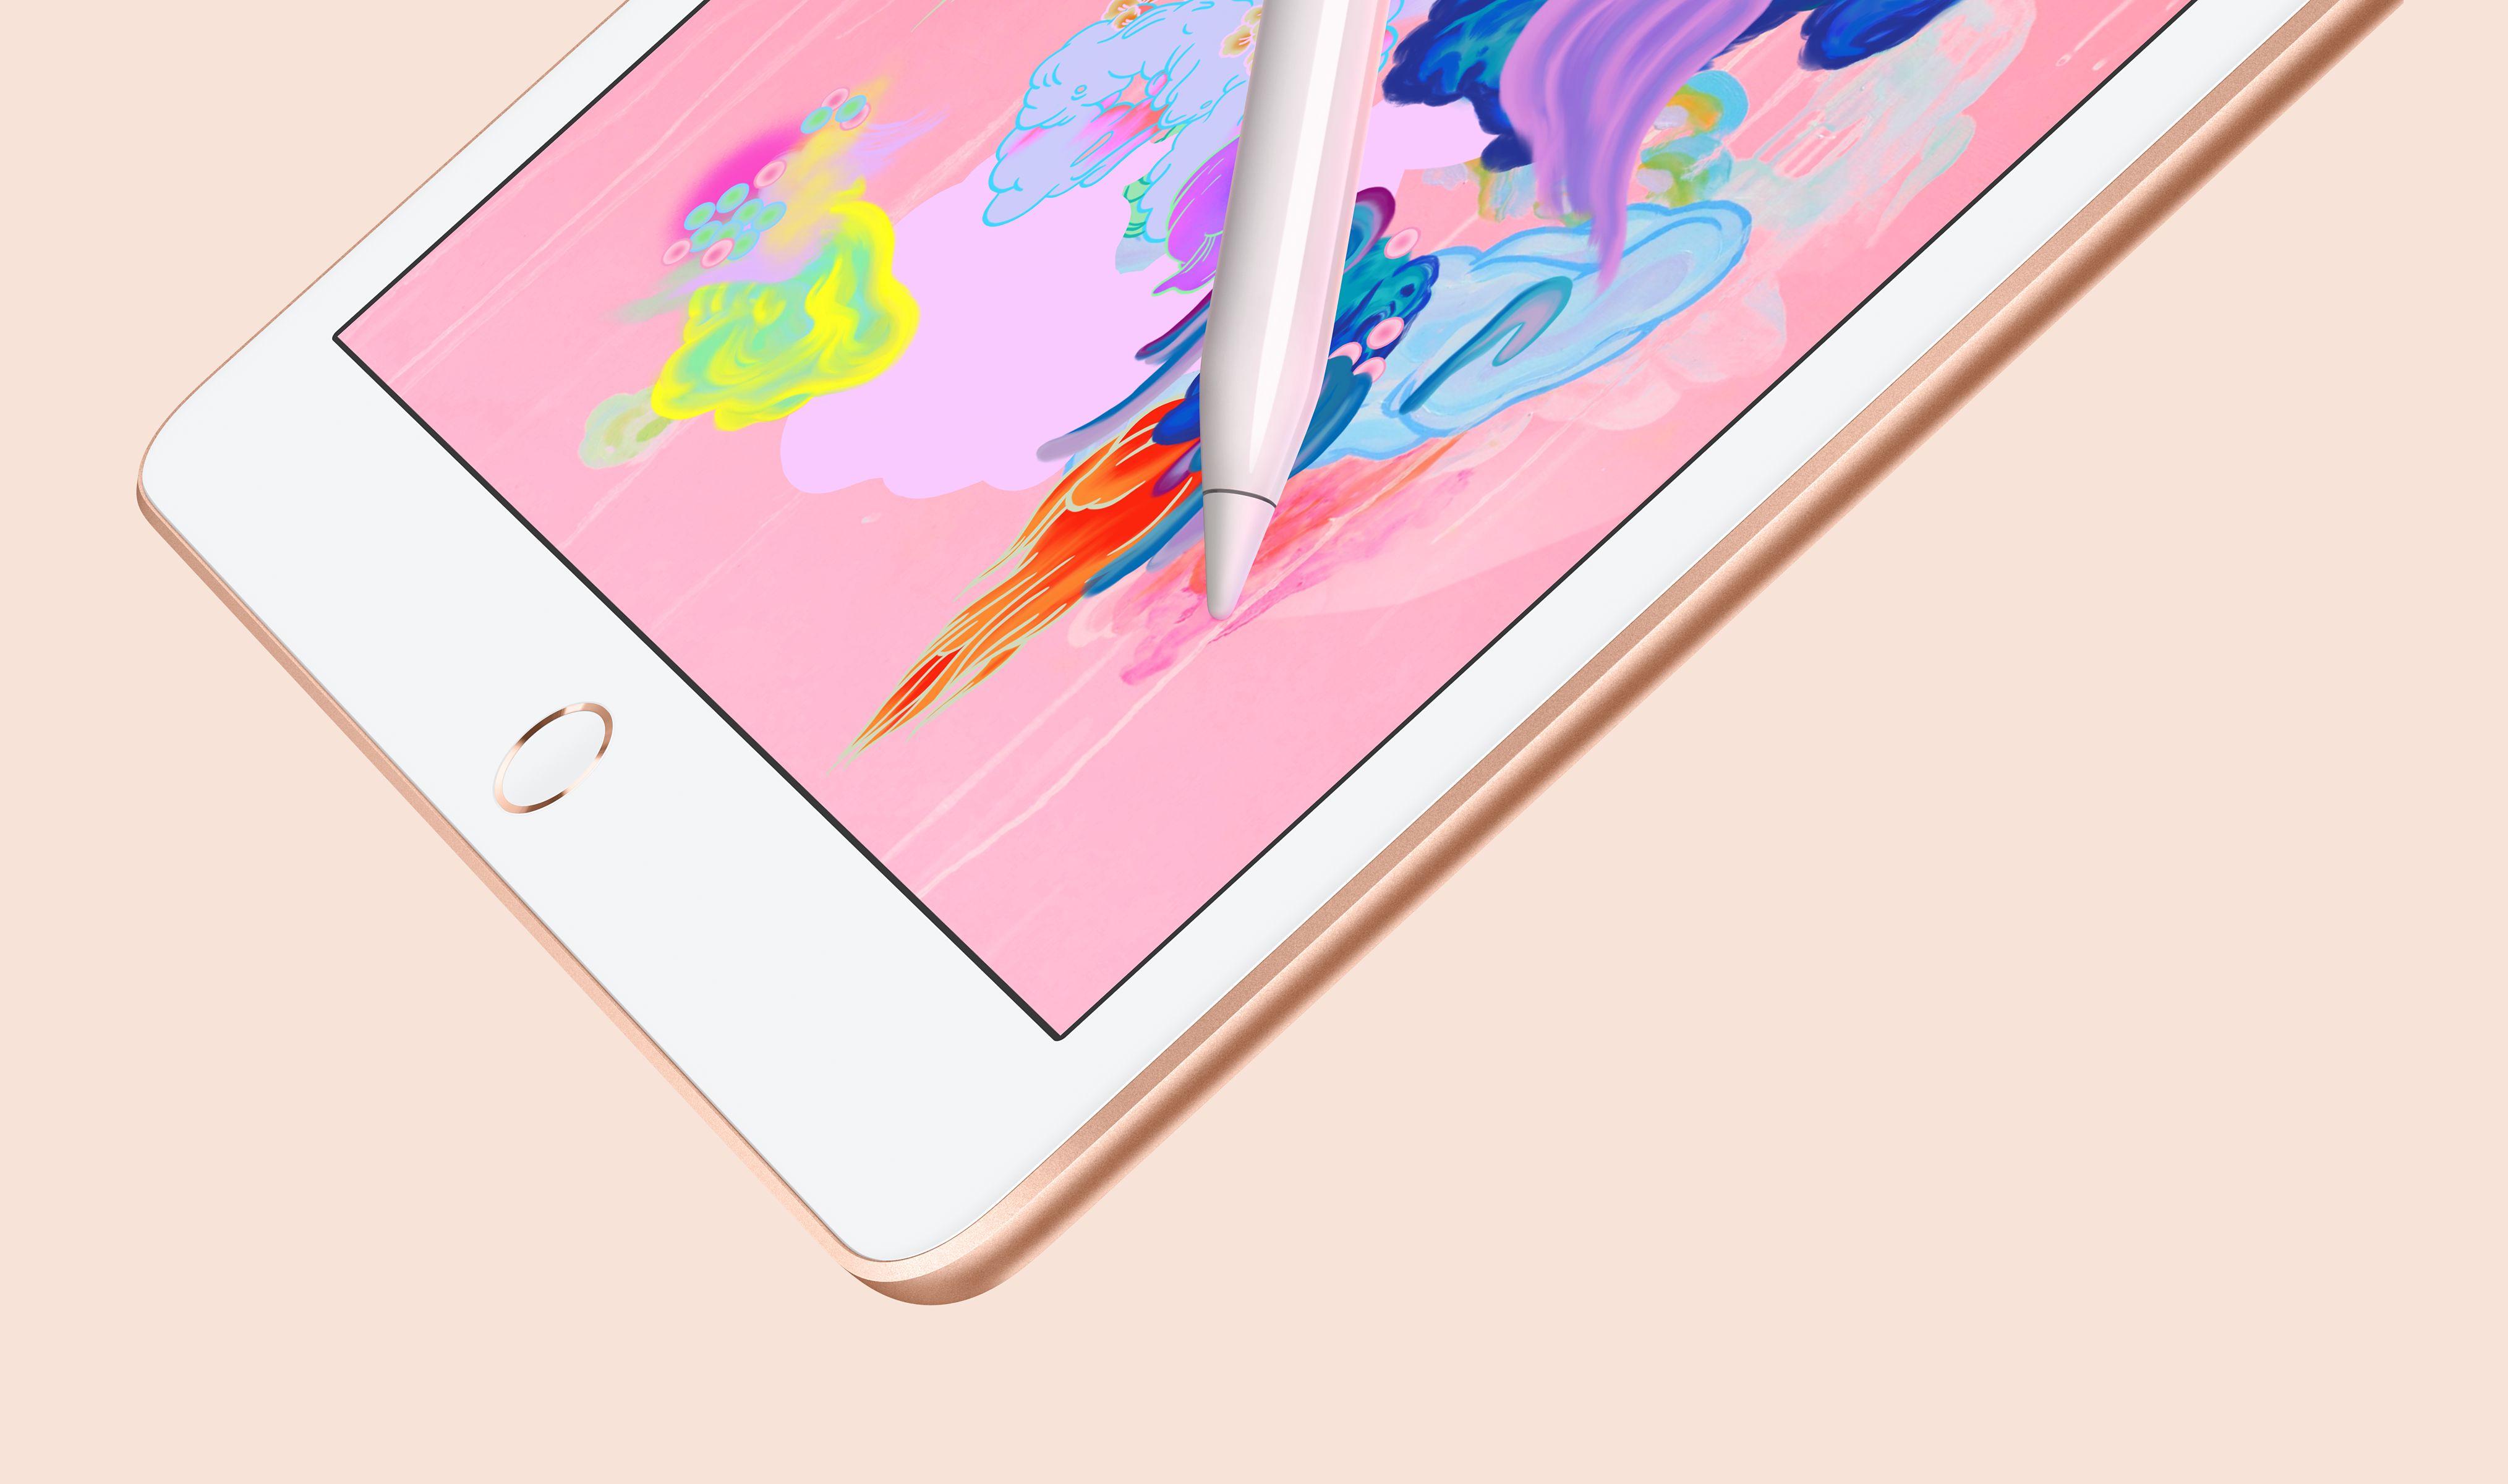 フルバージョンの「Photoshop for iPad」が2019年登場か